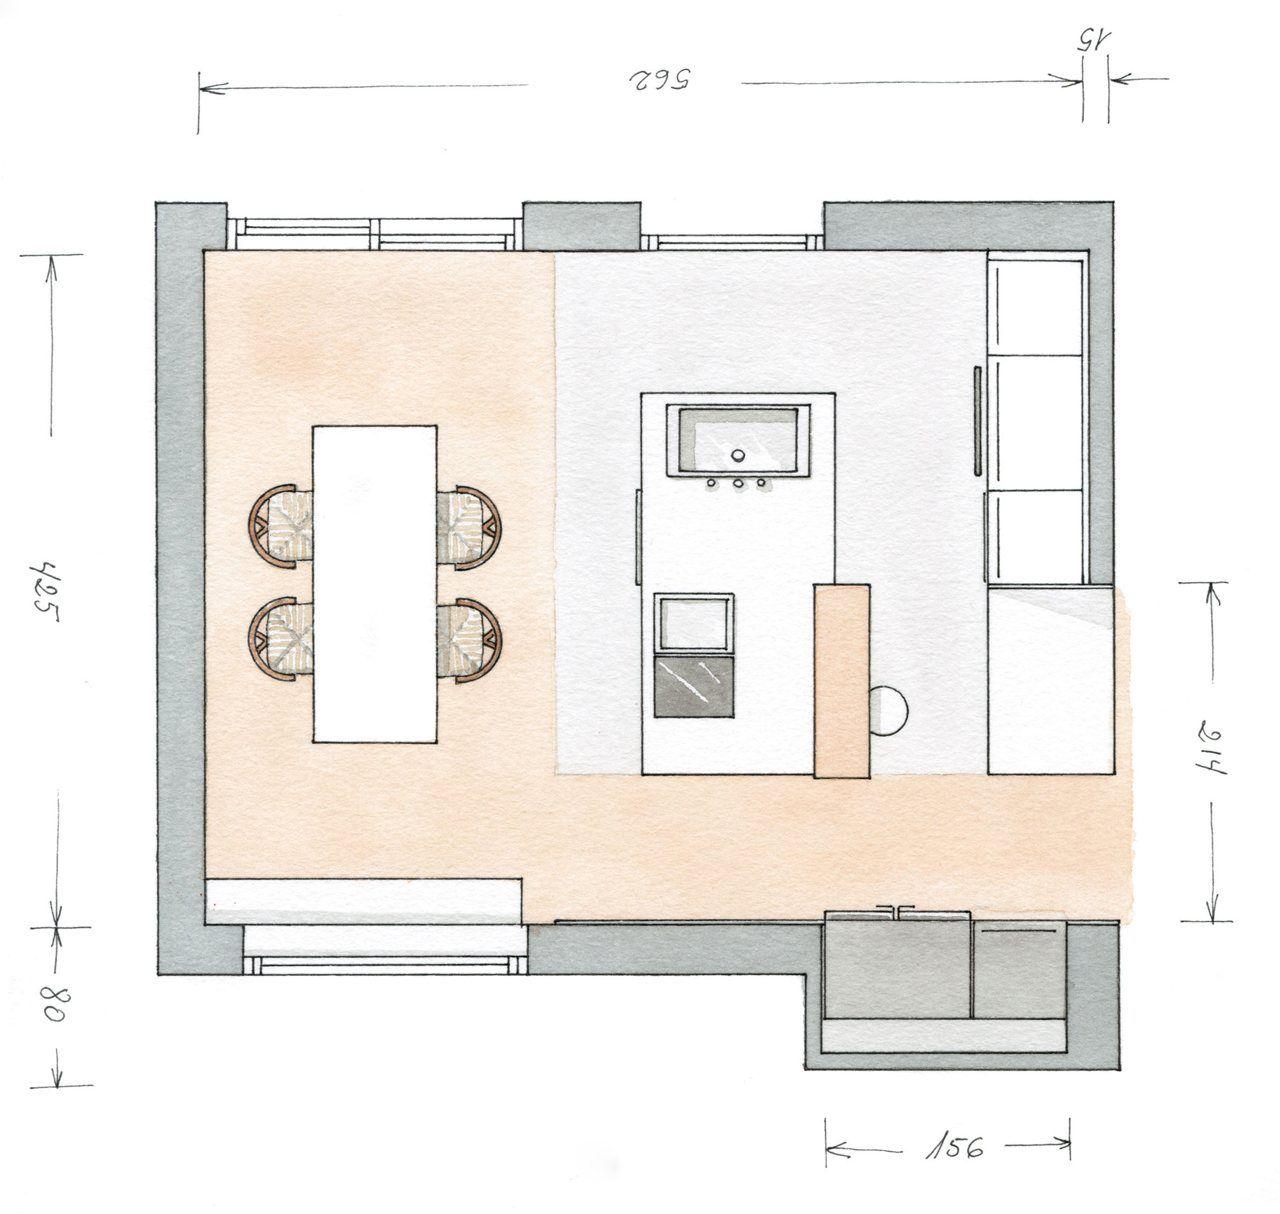 Plano Cocina Casa Tudela Pinterest Planos Imagenes